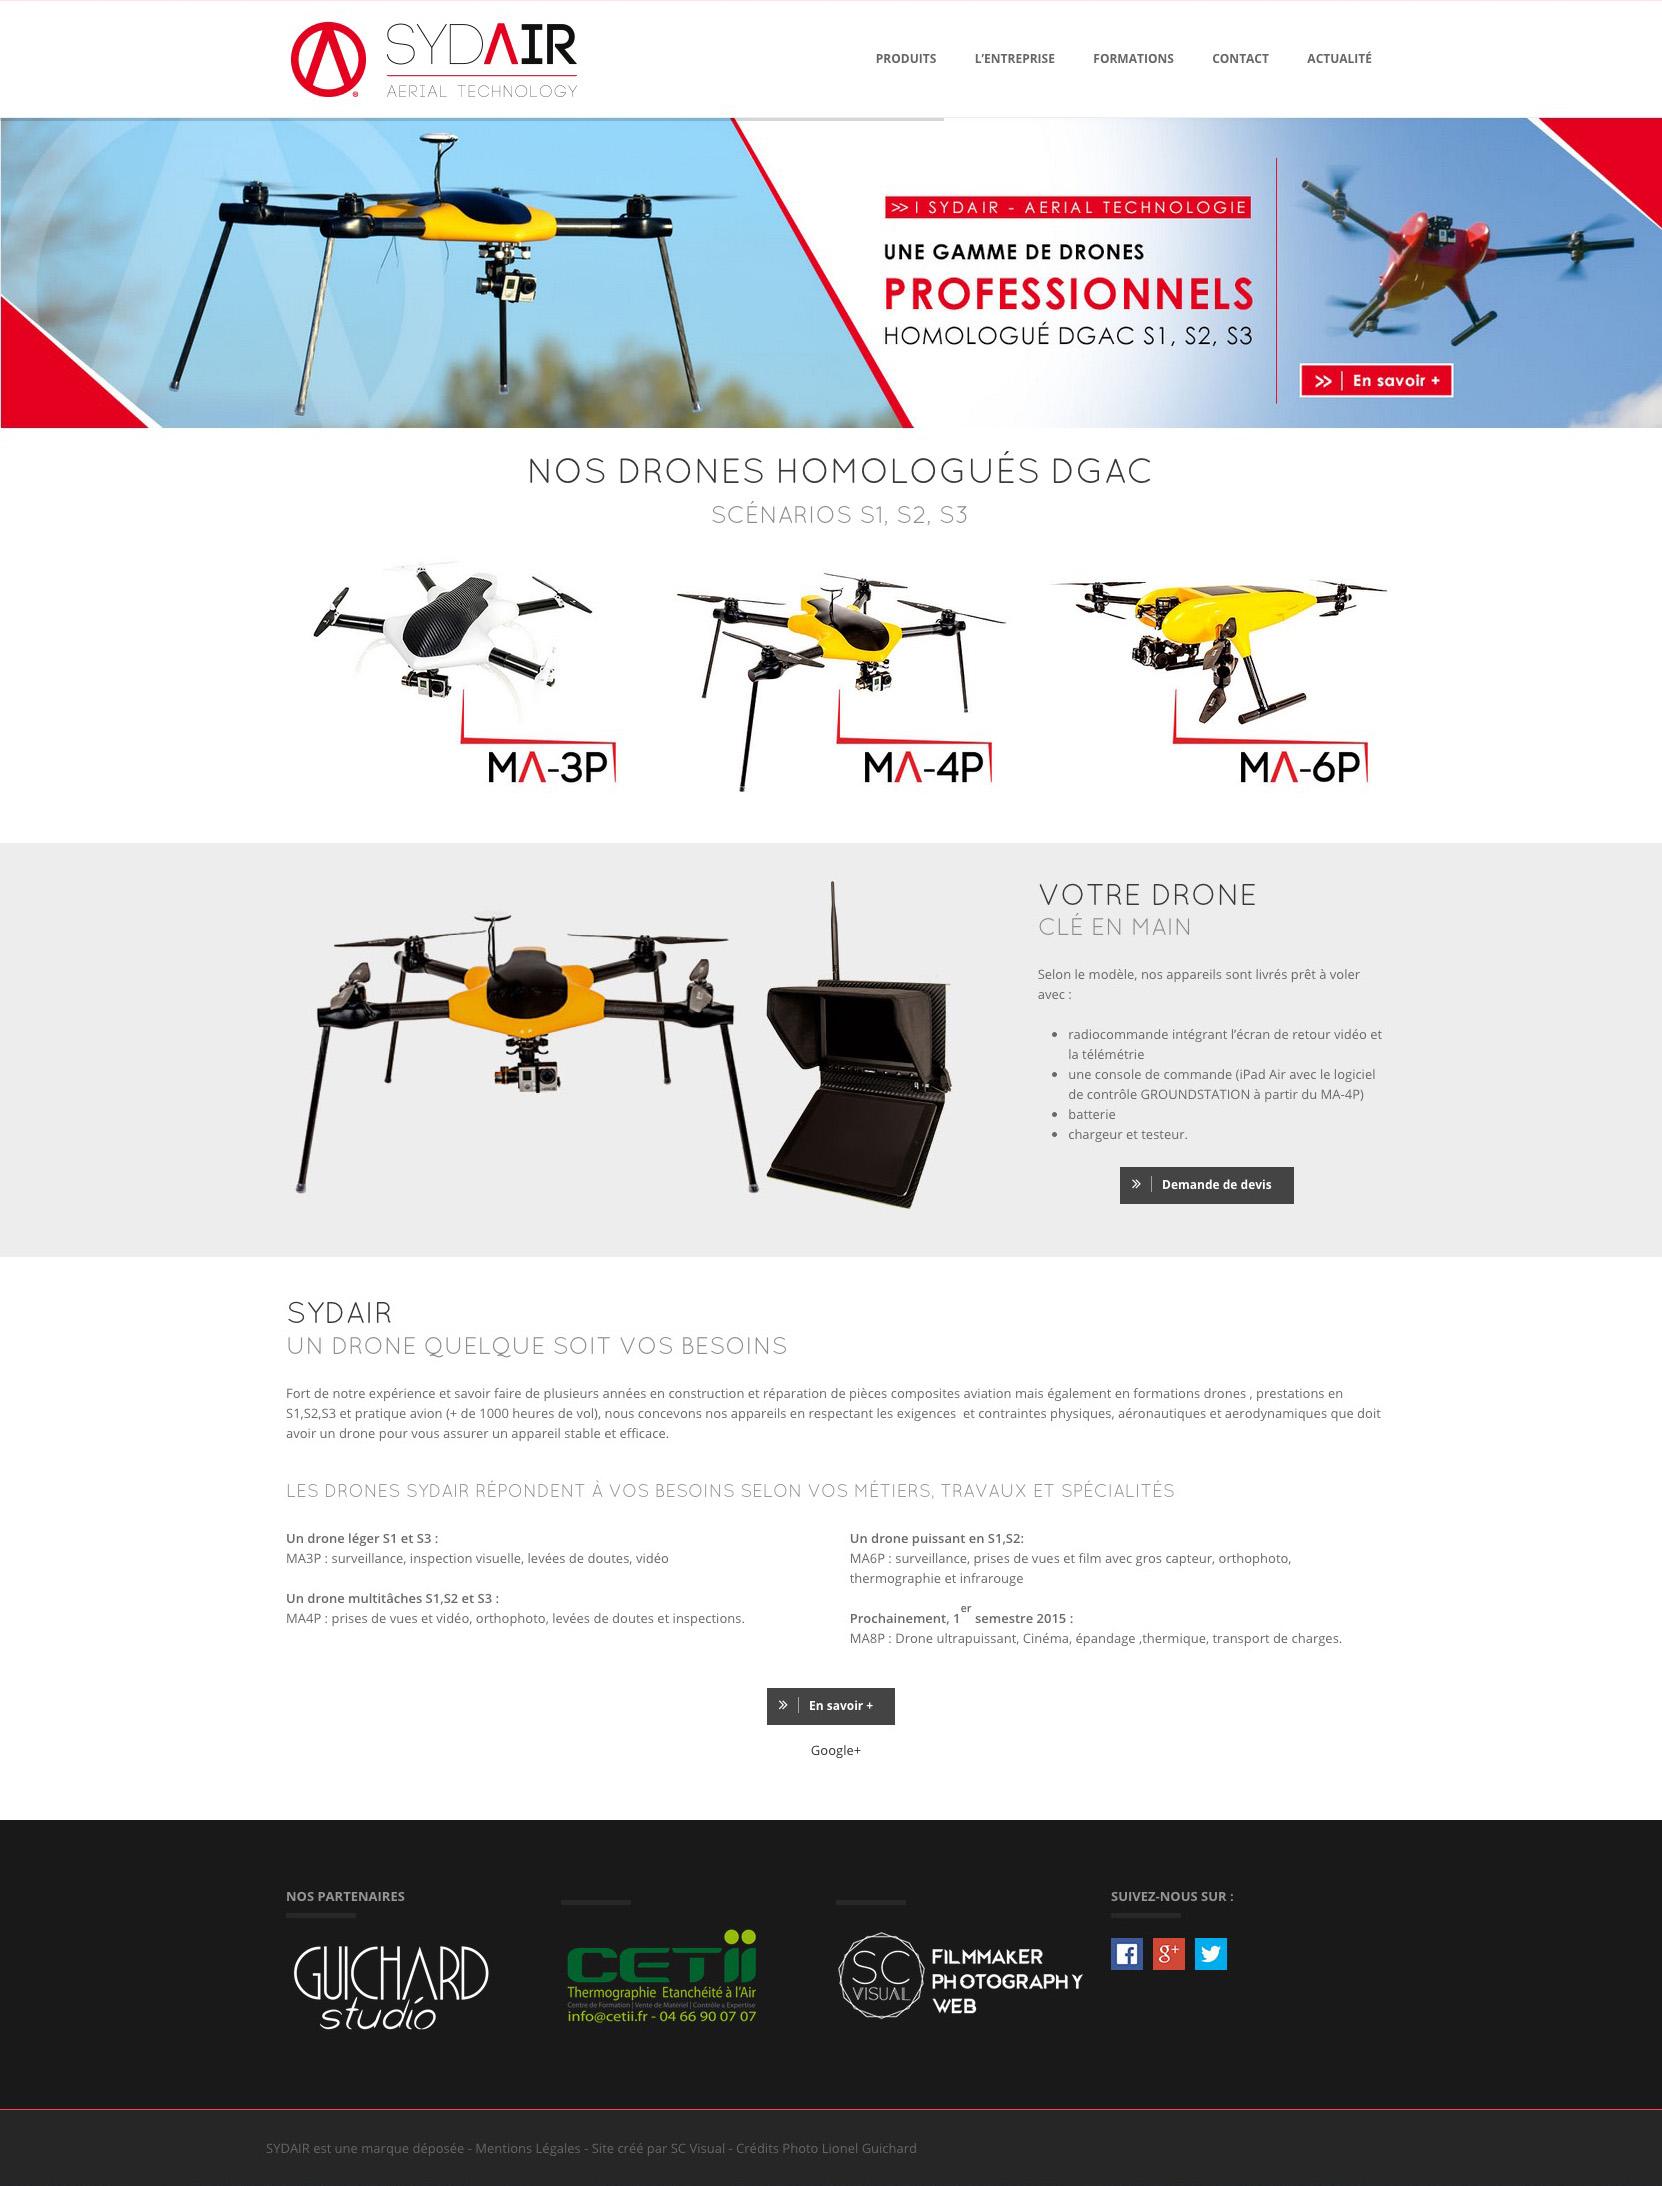 Création de site Internet Arles - Sydair fabricant de drone